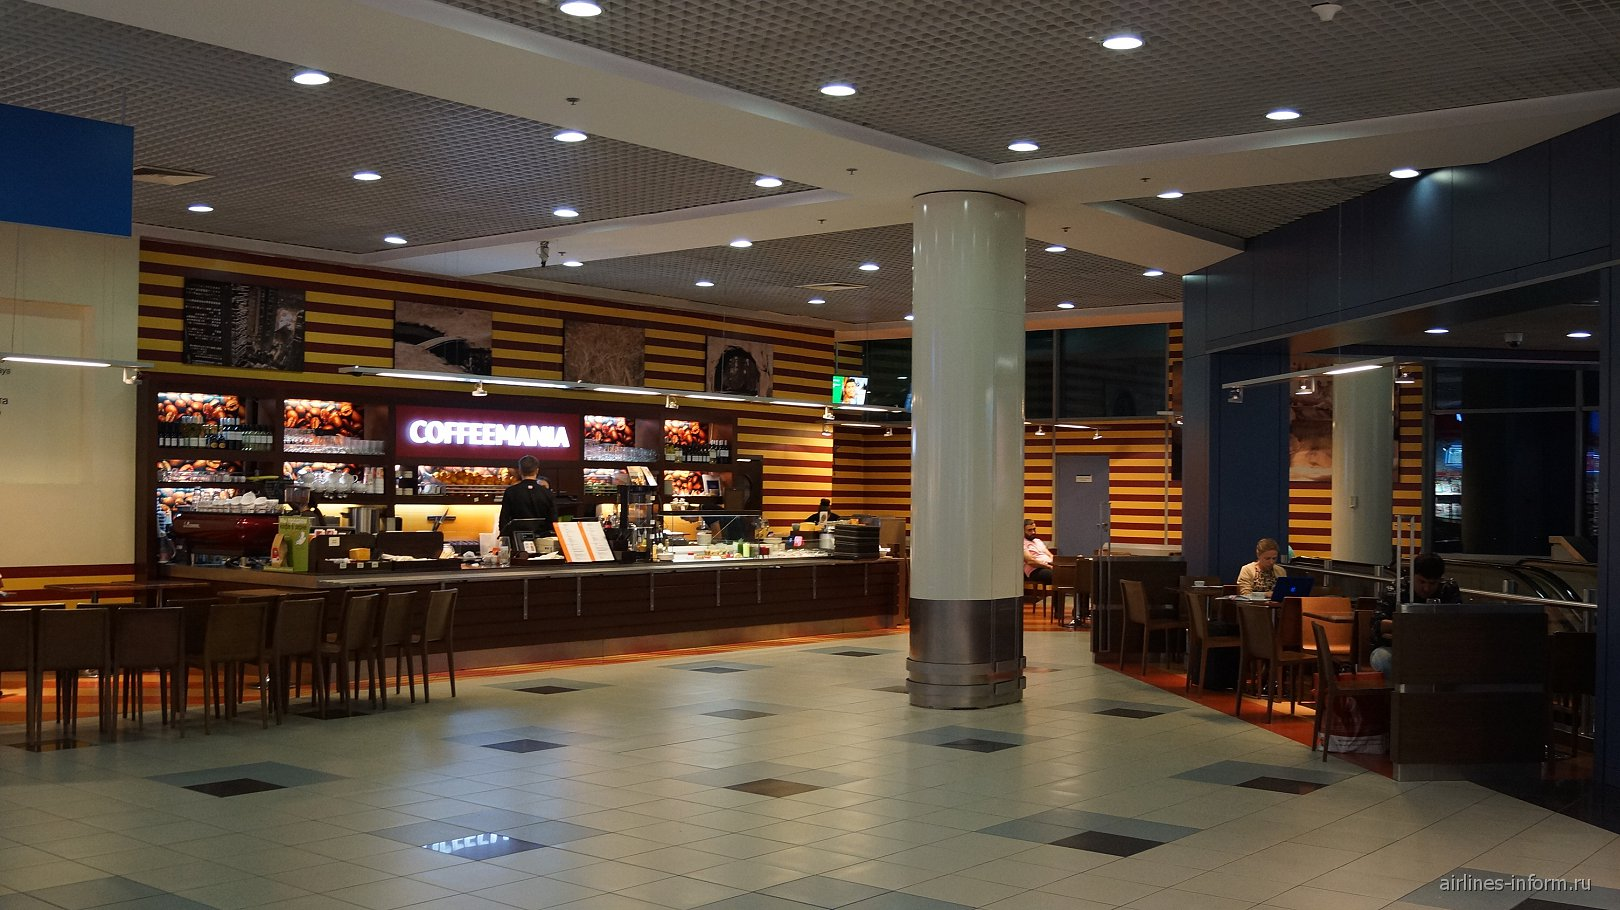 Кафе Coffeemania в чистой зоне международных вылетов аэропорта Домодедово